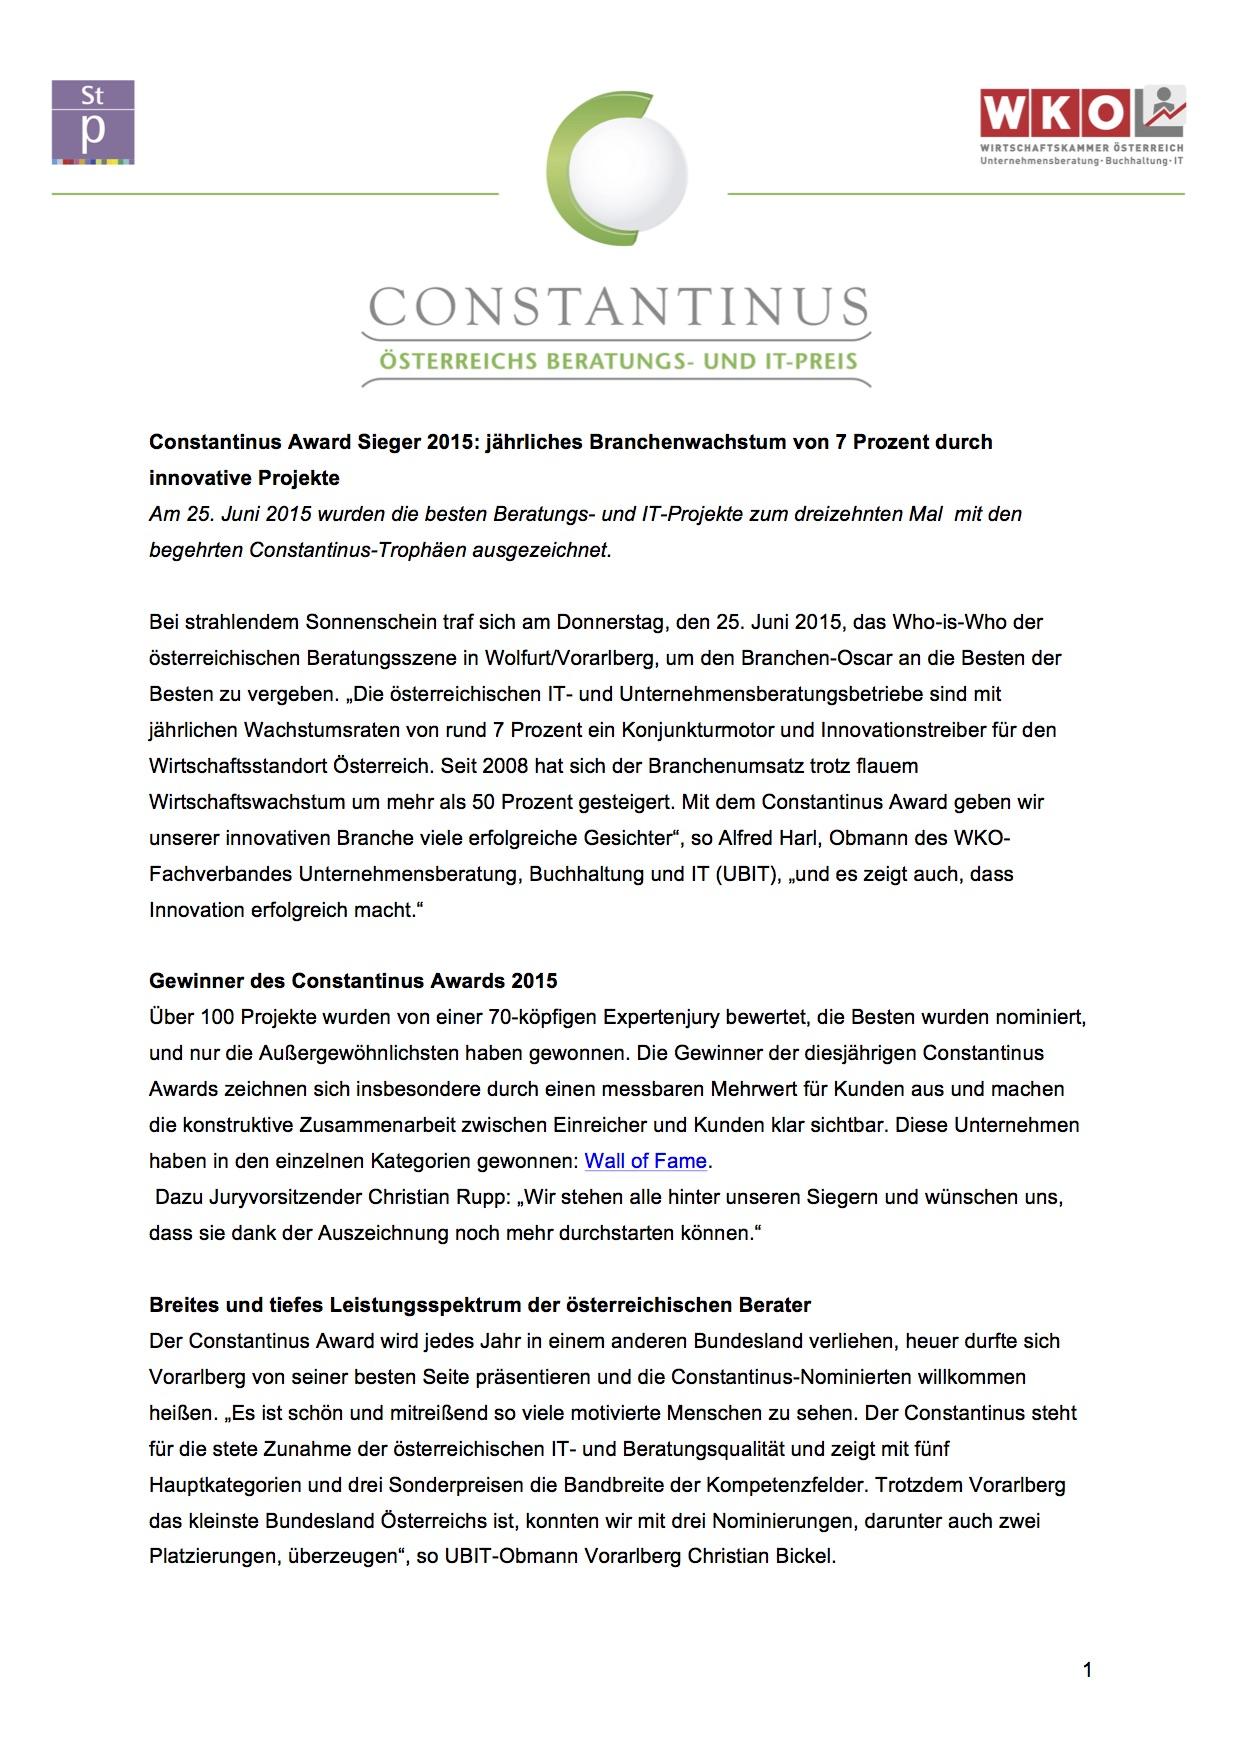 Constantinus Award 2015 - Presseinformation Sieger 2015